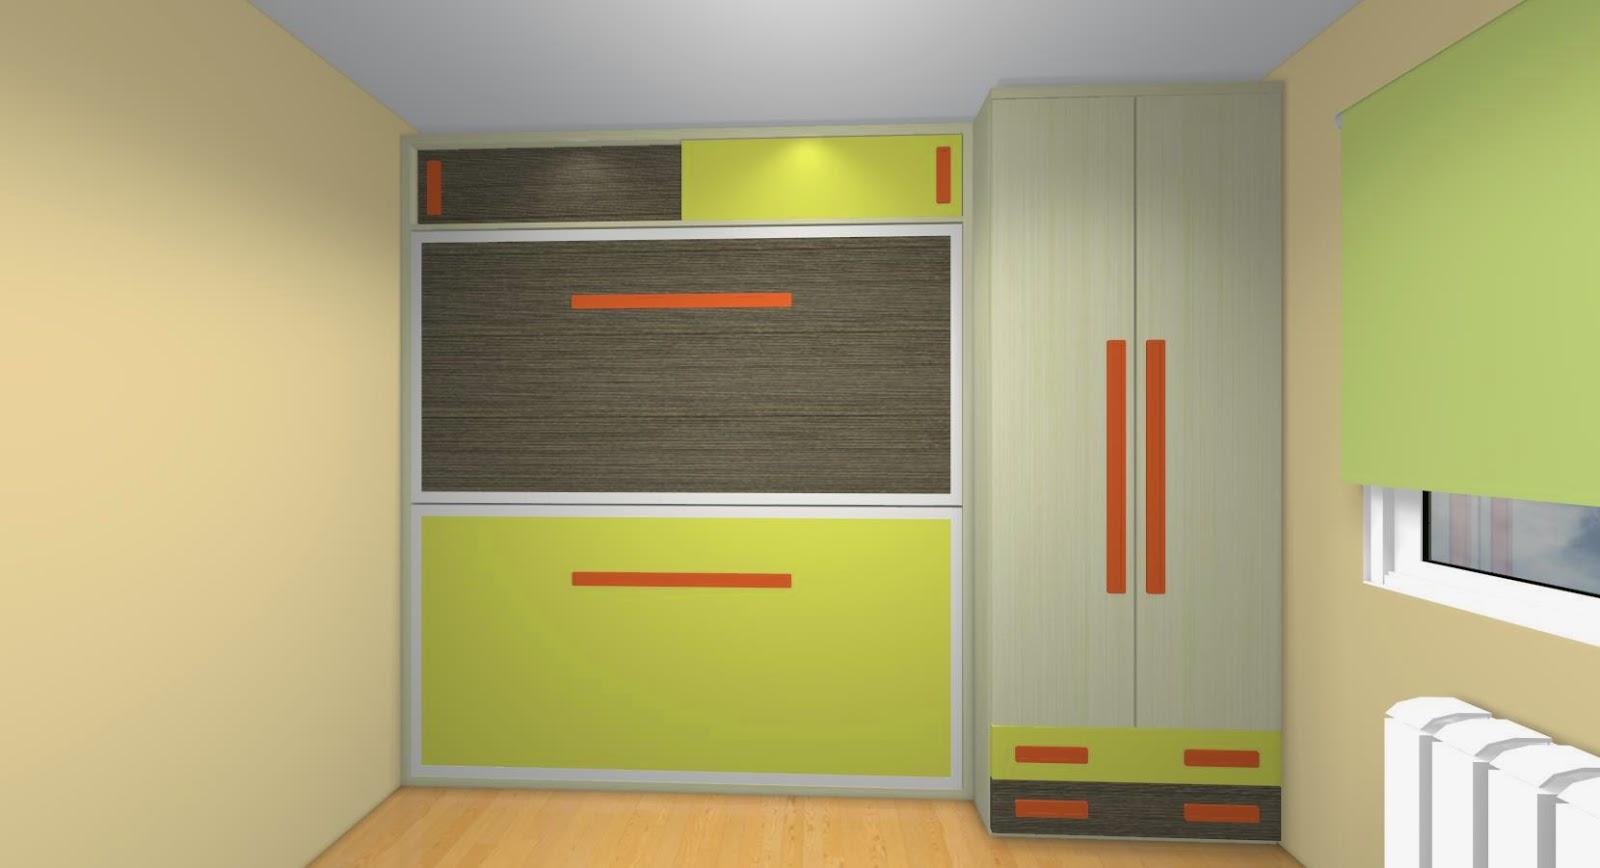 Literas abatibles una apuesta segura para ahorrar espacio - Literas con armario incorporado ...